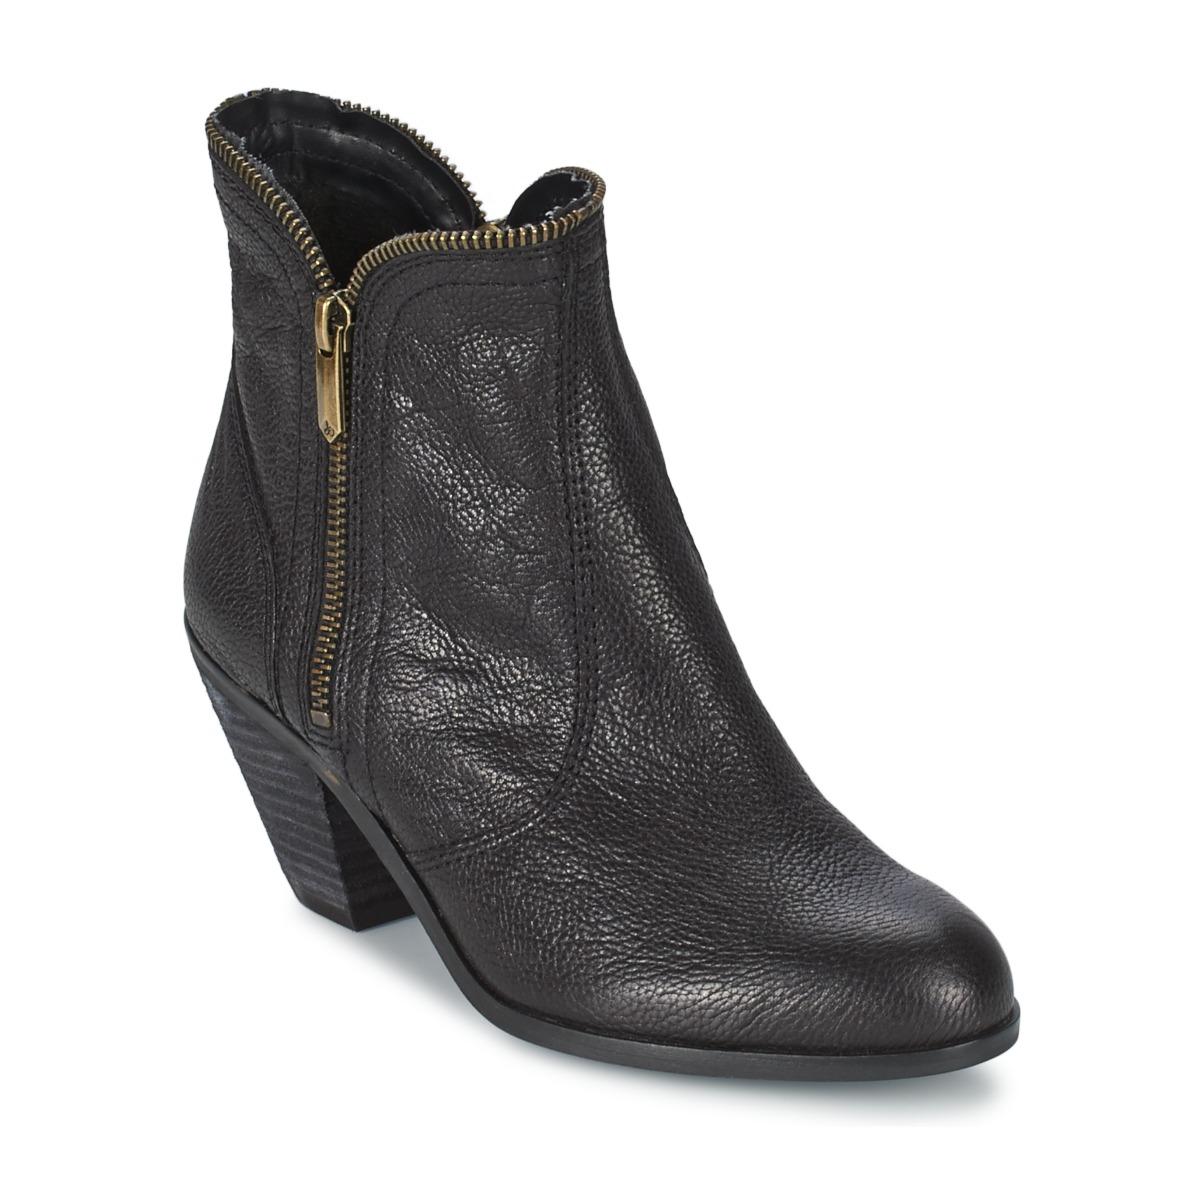 Sam Edelman LINDEN Schwarz - Kostenloser Versand bei Spartoode ! - Schuhe Low Boots Damen 145,60 €